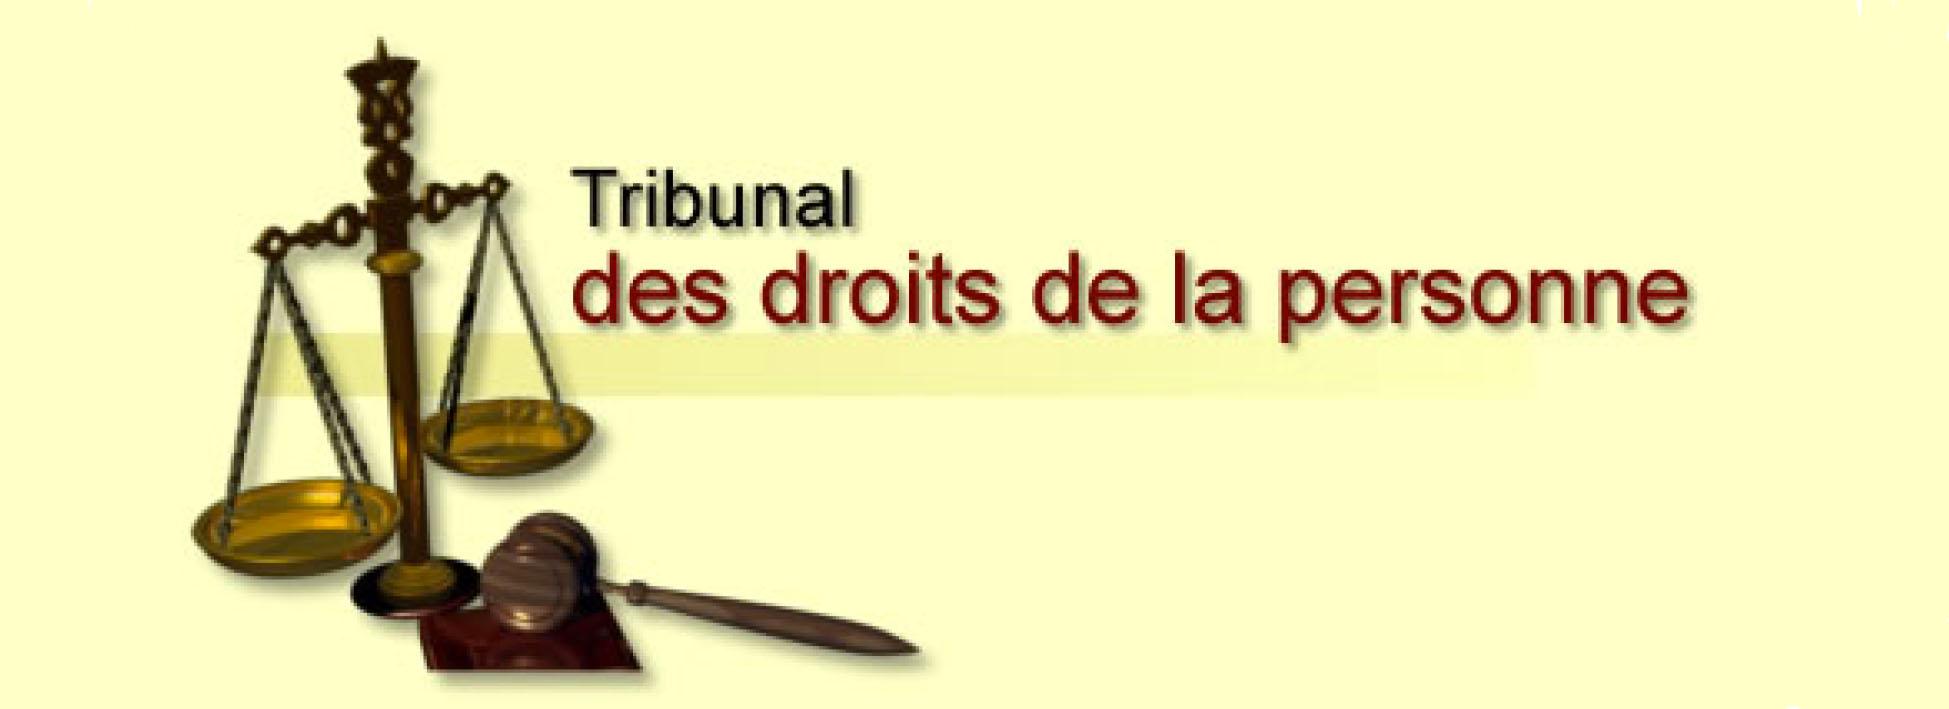 Tribunal des droits de la personne du Québec